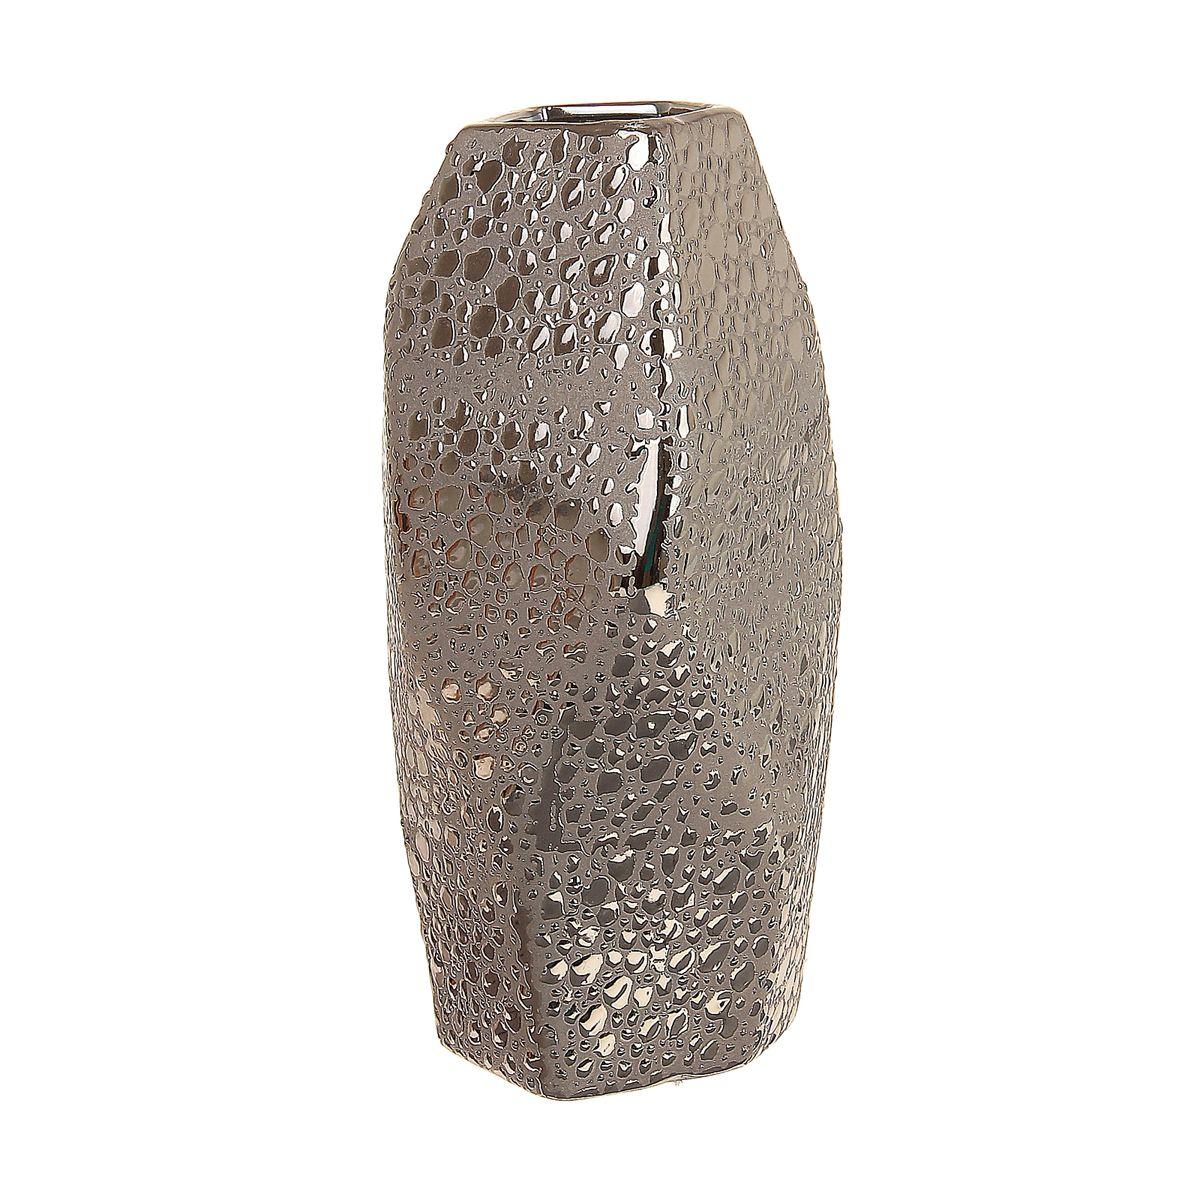 Ваза Sima-land Изгиб, высота 23,5 см863635Ваза Sima-land Изгиб изготовлена из прочной керамики. Интересная форма и необычное оформление сделают эту вазу замечательным украшением интерьера. Она предназначена как для живых, так и для искусственных цветов. Основание оснащено противоскользящими накладками.Любое помещение выглядит незавершенным без правильно расположенных предметовинтерьера. Они помогают создать уют, расставить акценты, подчеркнуть достоинства или скрытьнедостатки.